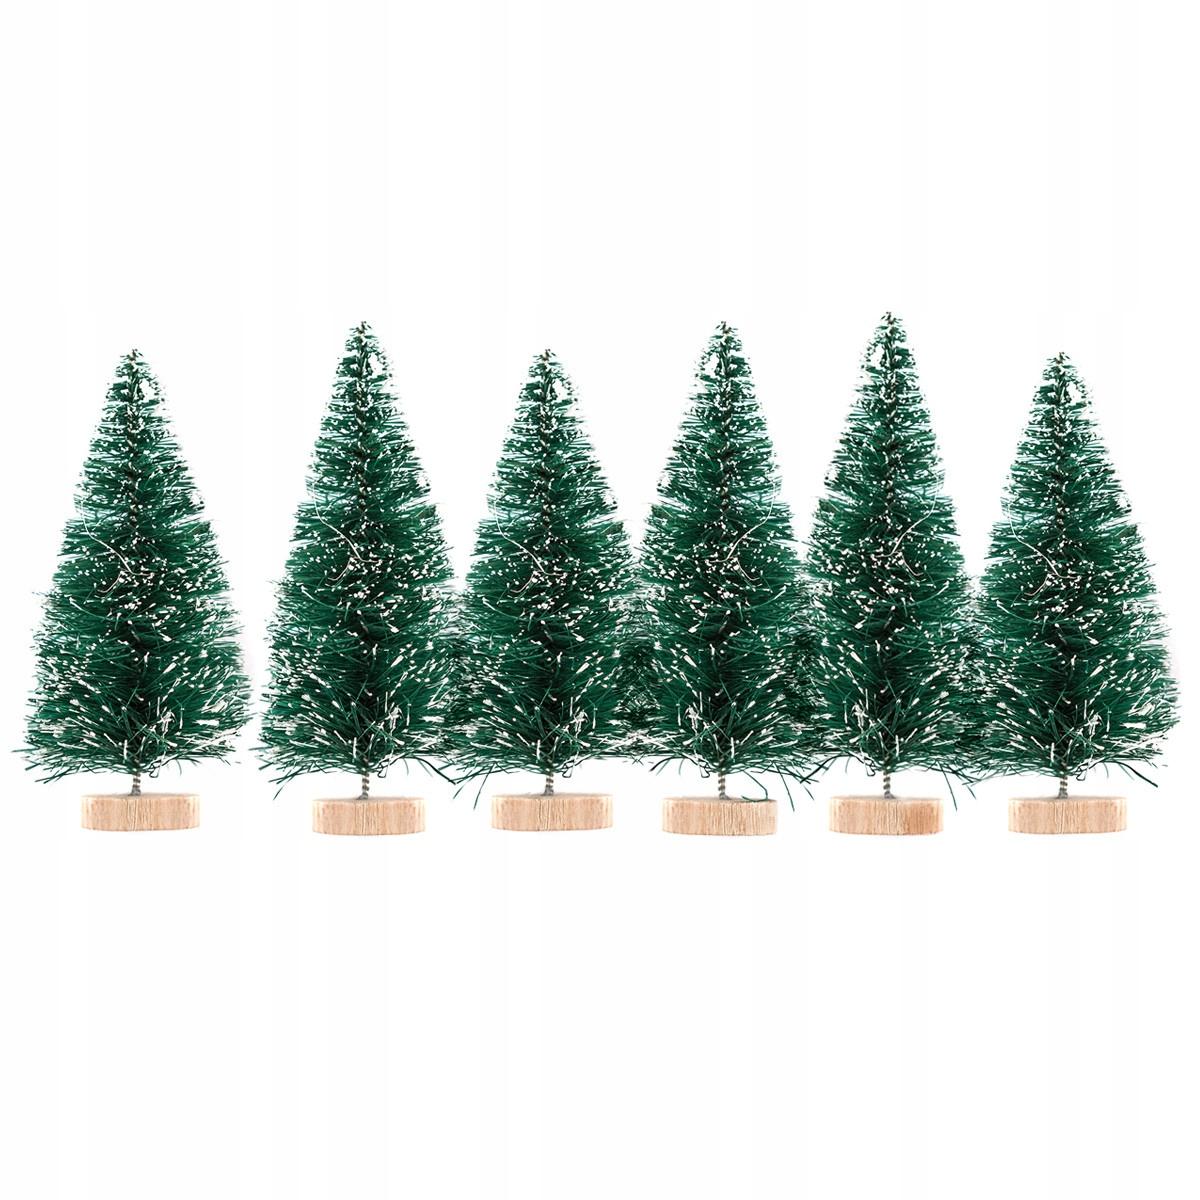 Choinki Dekoracyjne świąteczne Zielone 5cm 6 Szt